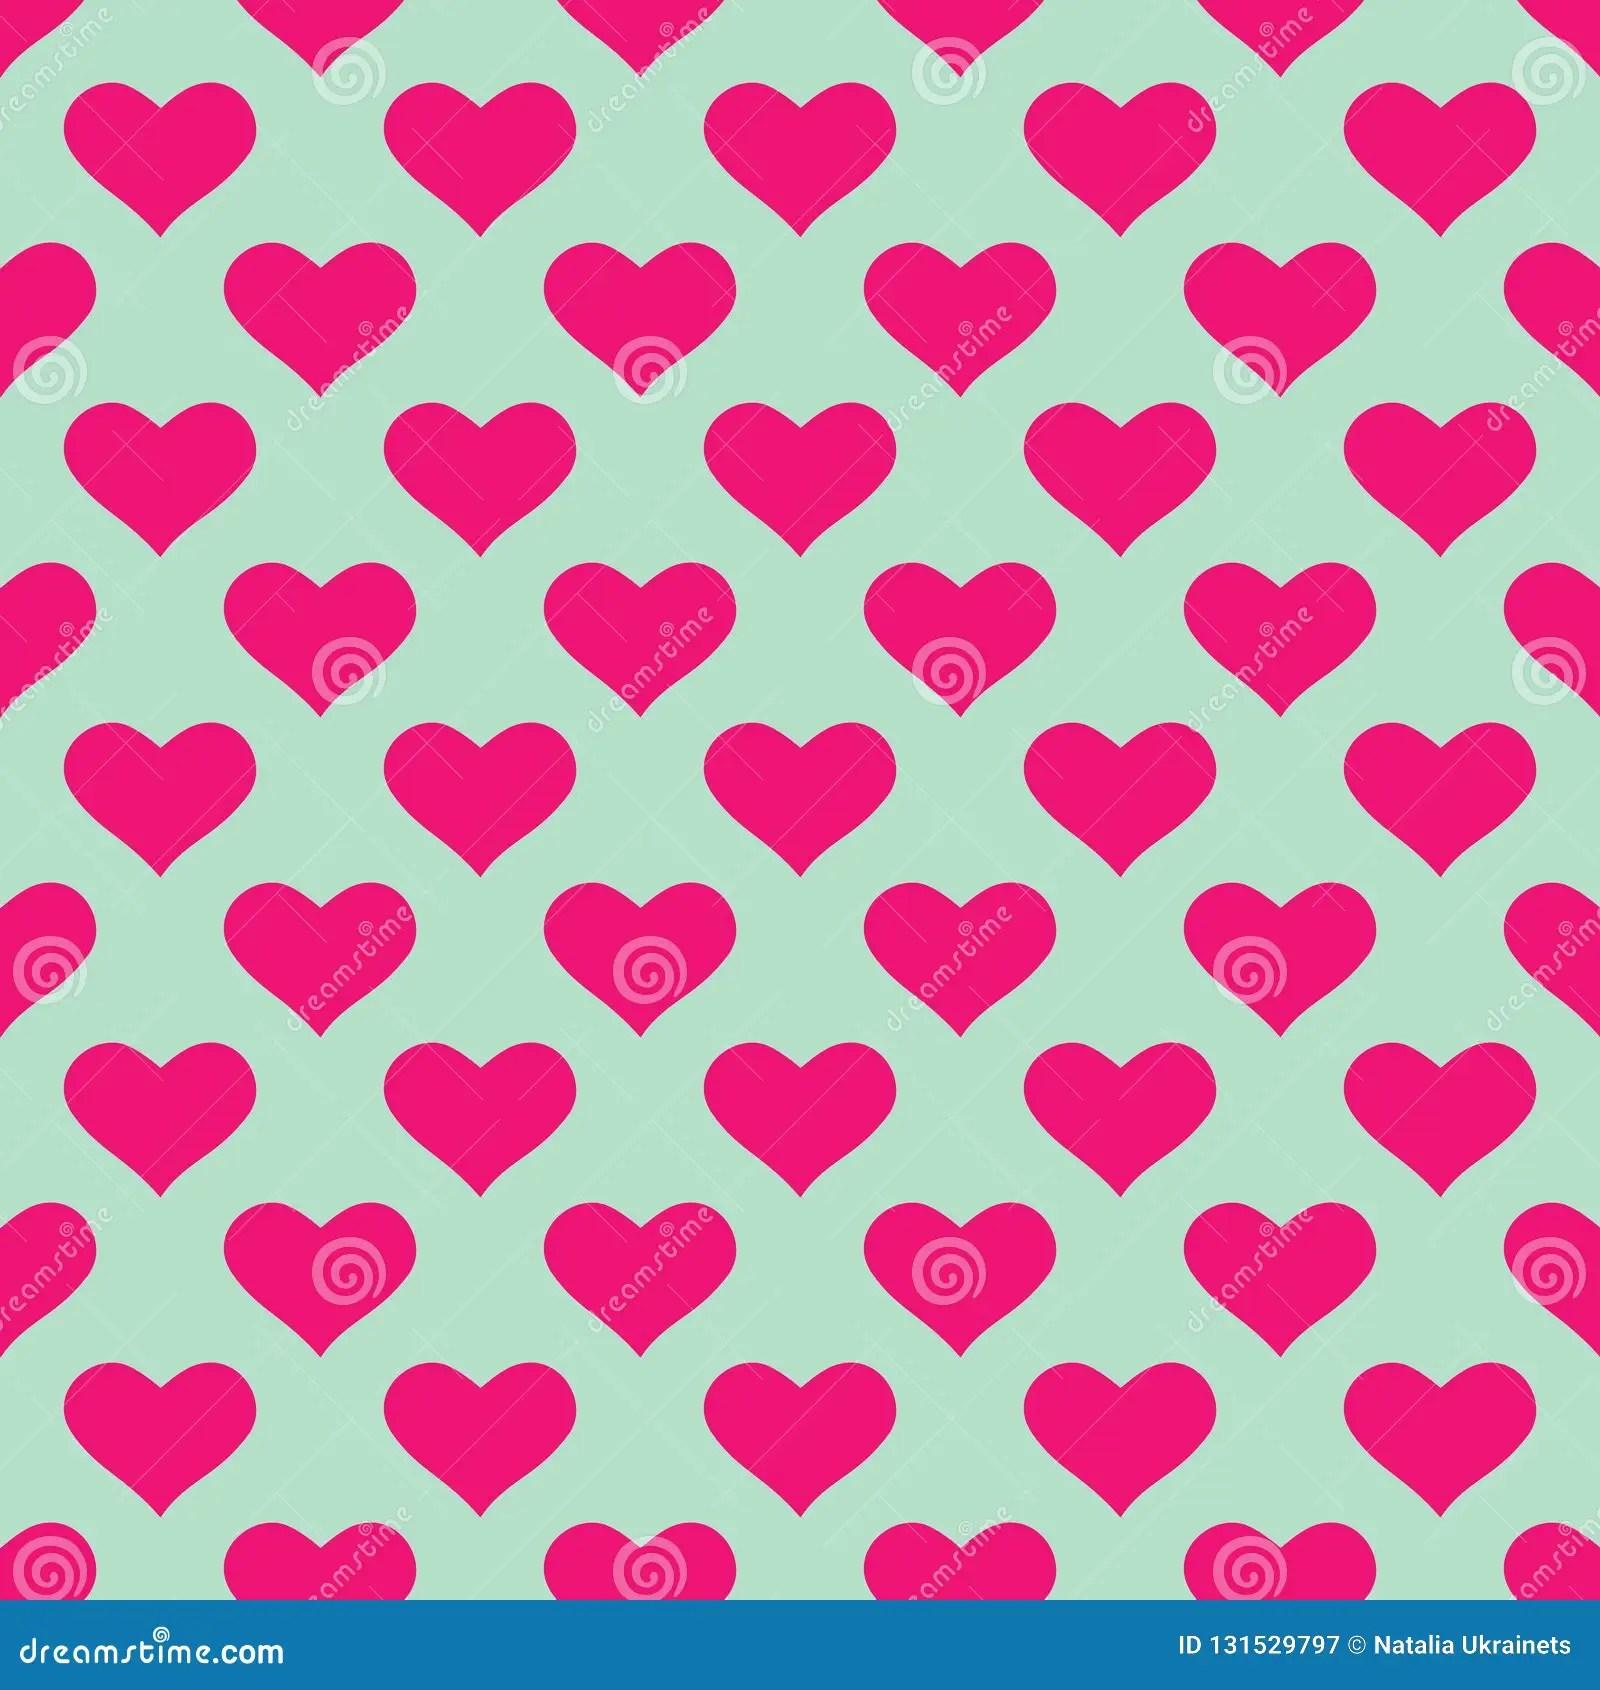 La carta da parati a tema amore ha tante dolci varianti: Carta Da Parati Con I Cuori Dentellare Illustrazione Vettoriale Illustrazione Di Campione Tessuto 131529797